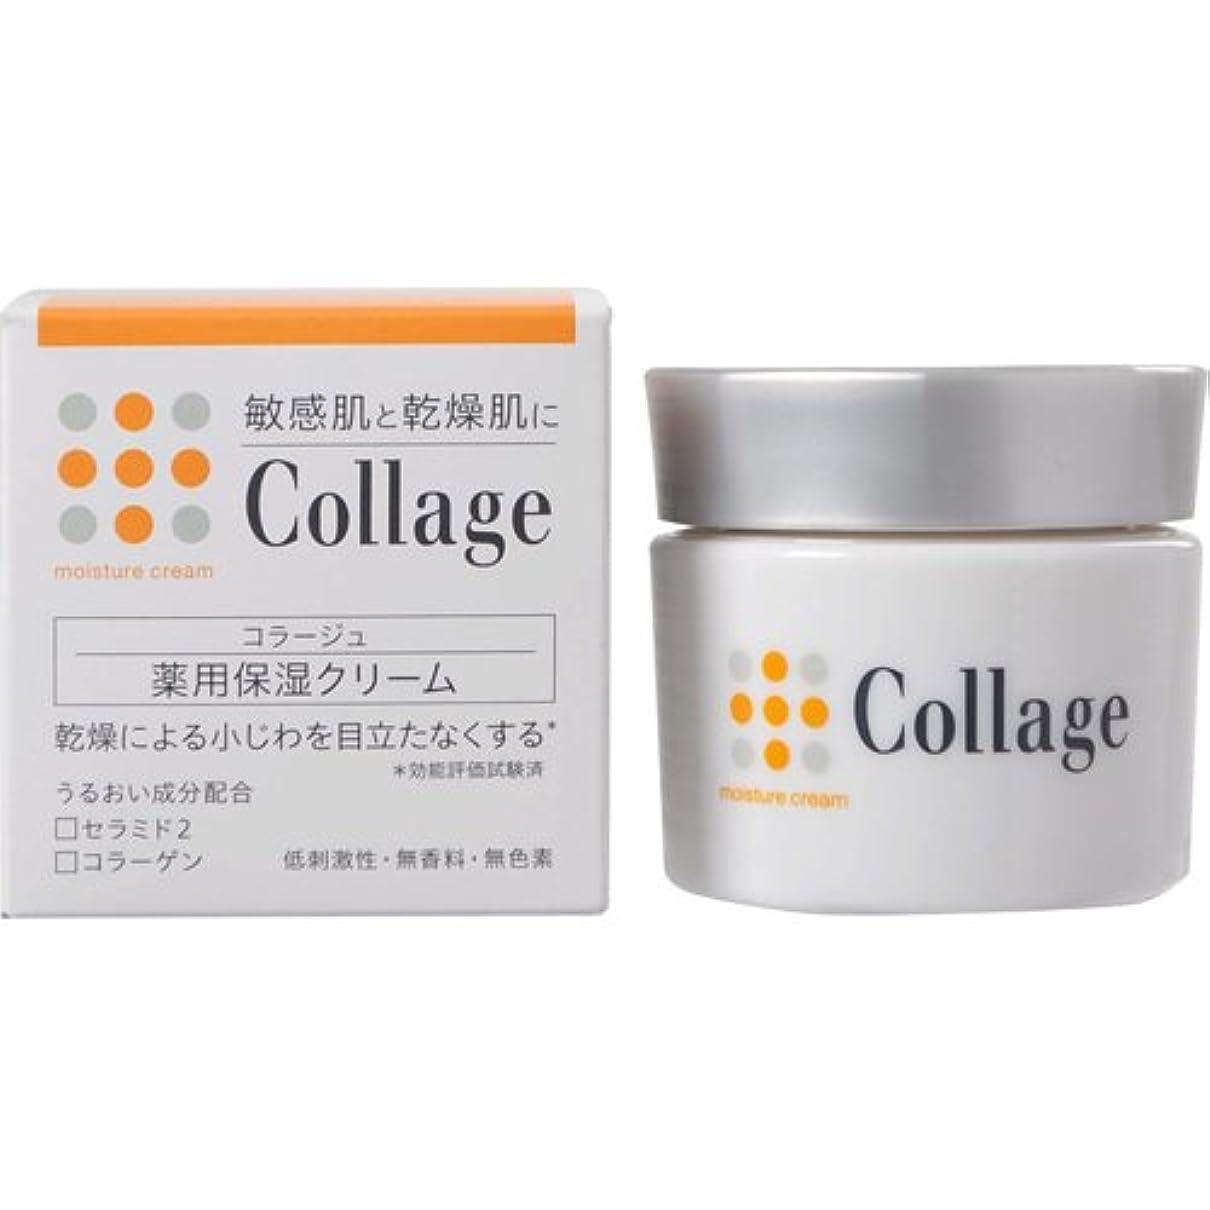 ディスコ千先コラージュ 薬用保湿クリーム 30g 【医薬部外品】